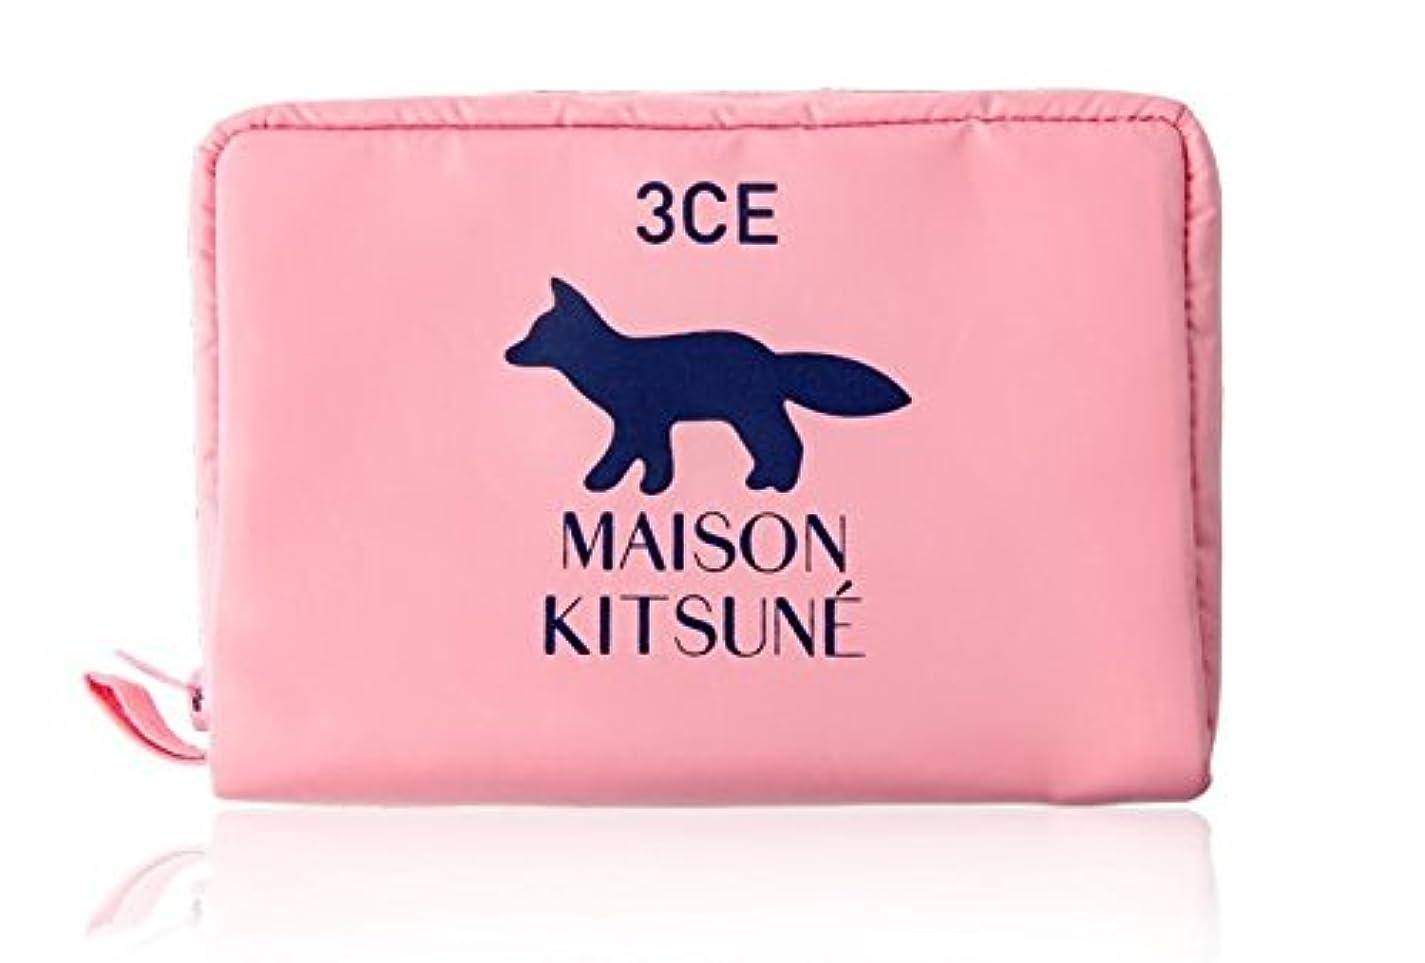 のみ改善臨検3CE MAISON KITSUNE POUCH #PINK ポーチ ピンク